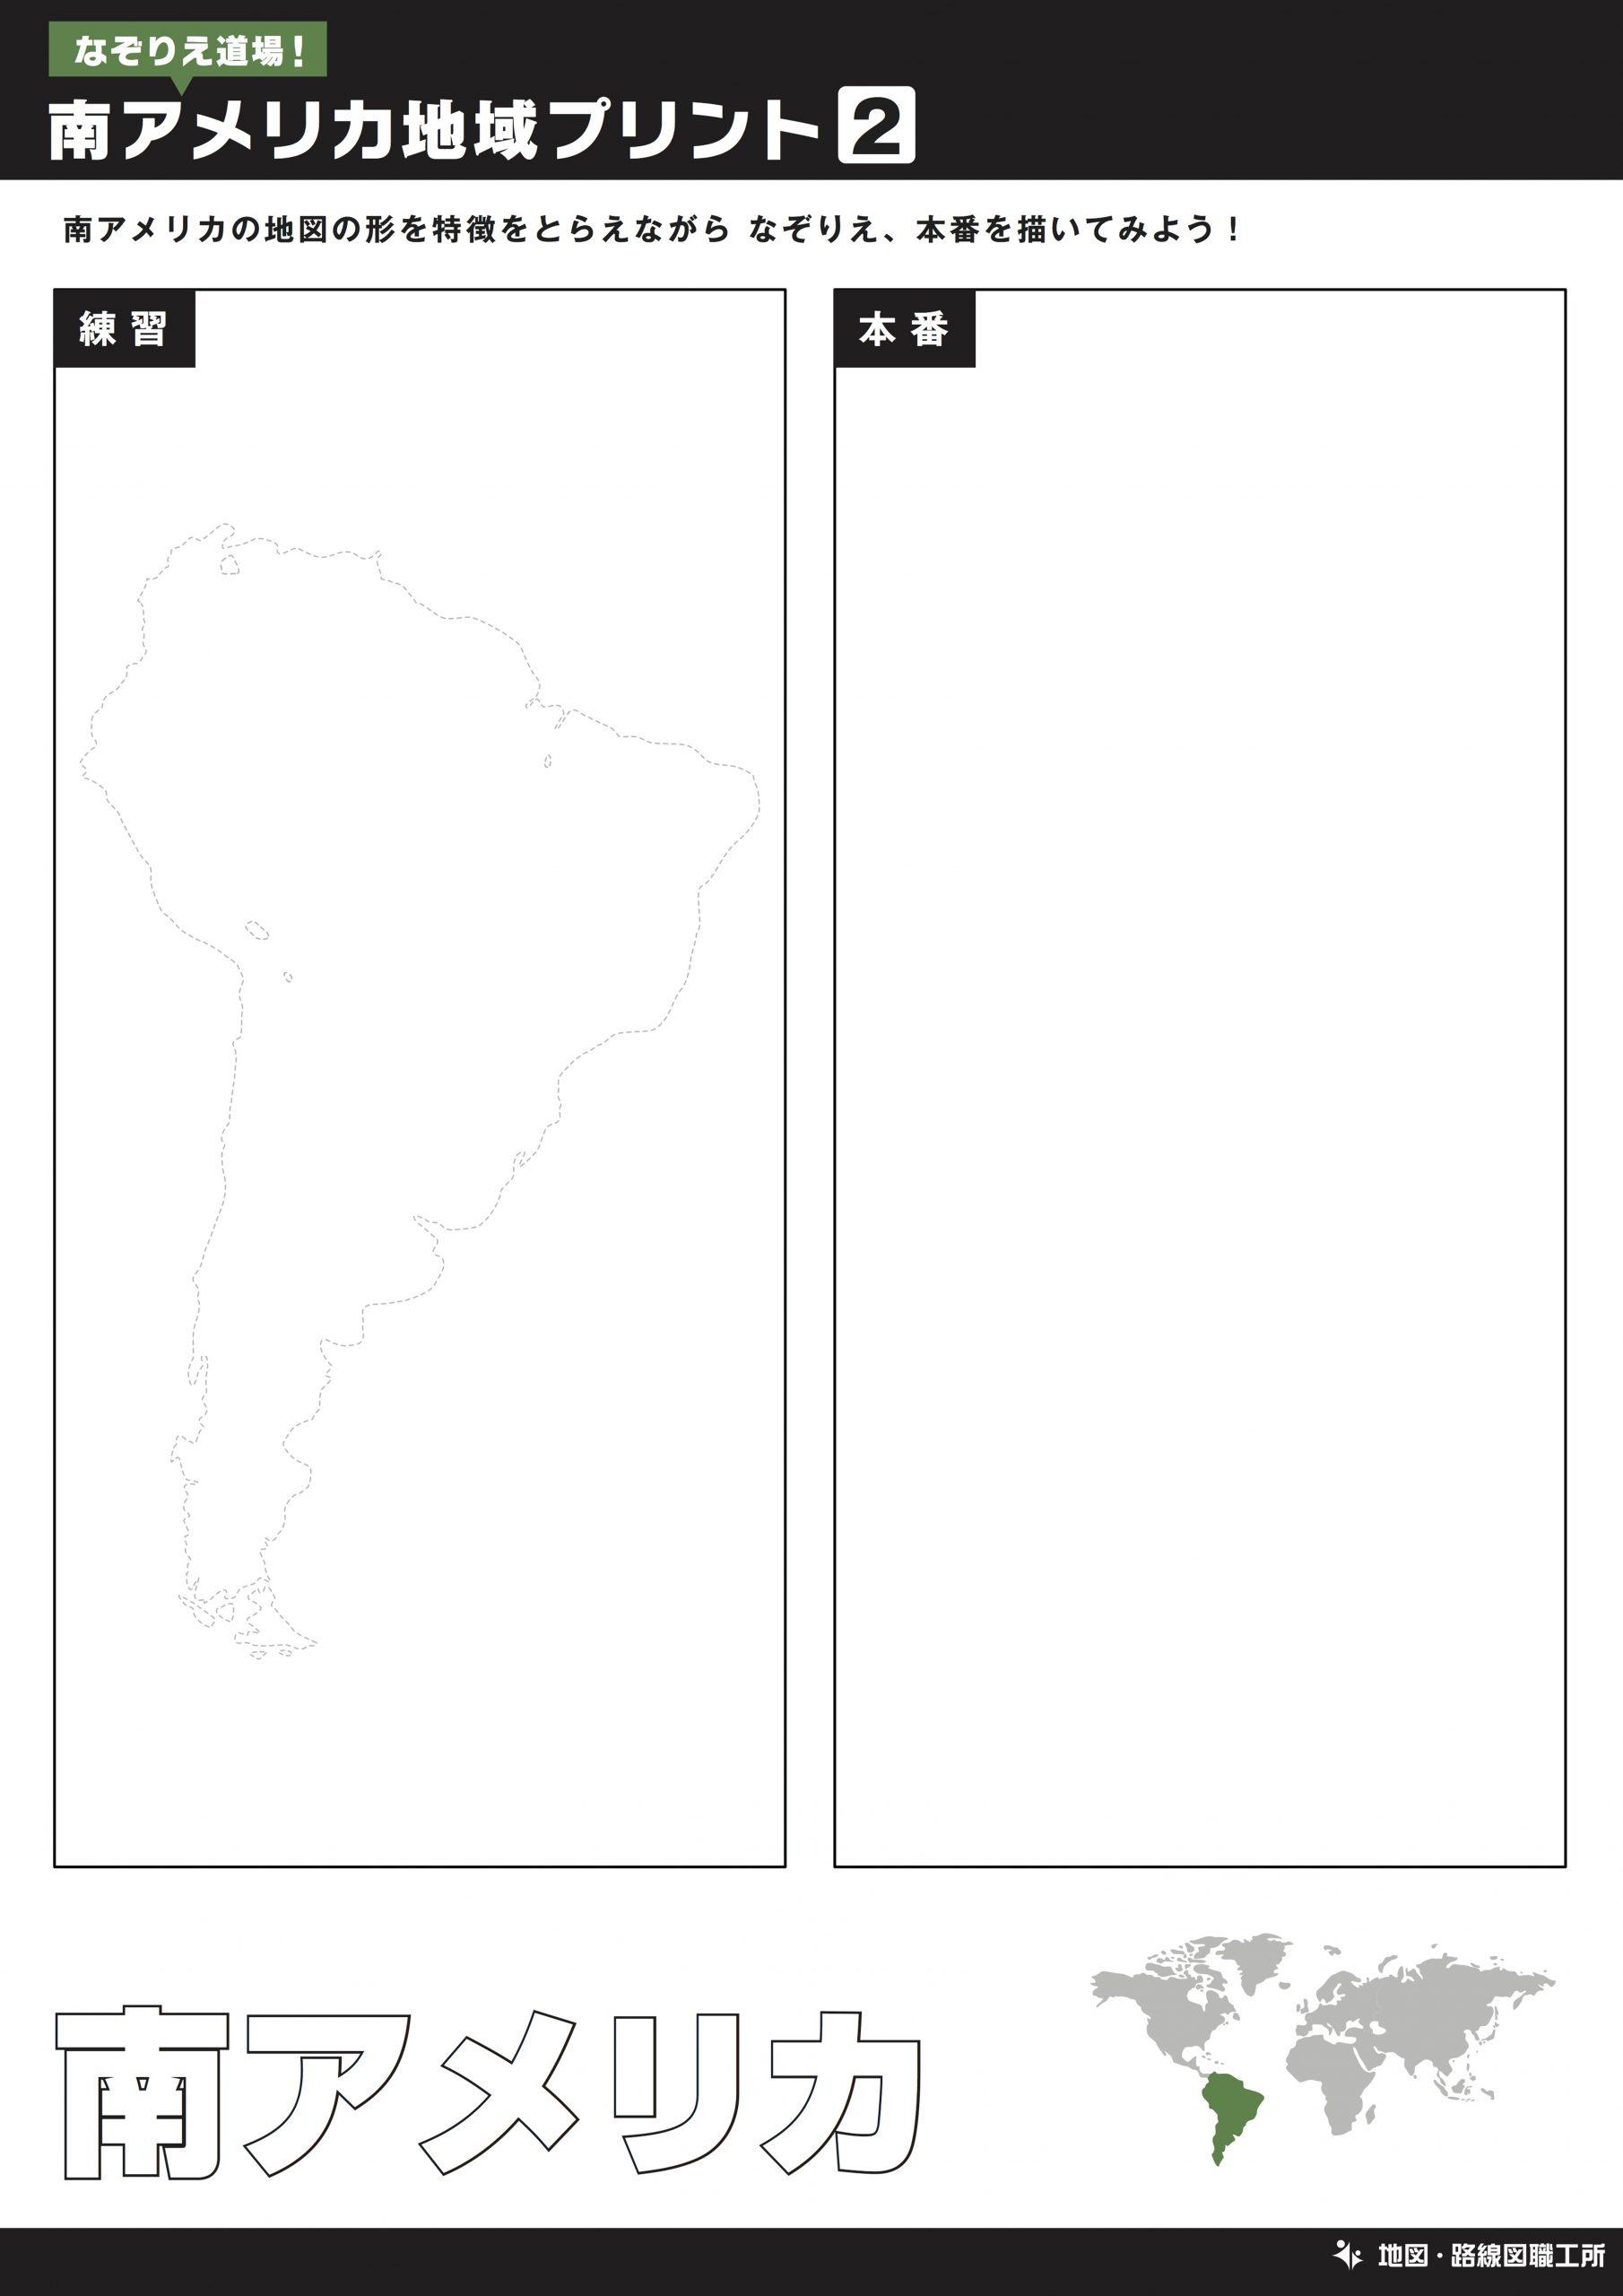 南アメリカ地図をなぞって描く練習②